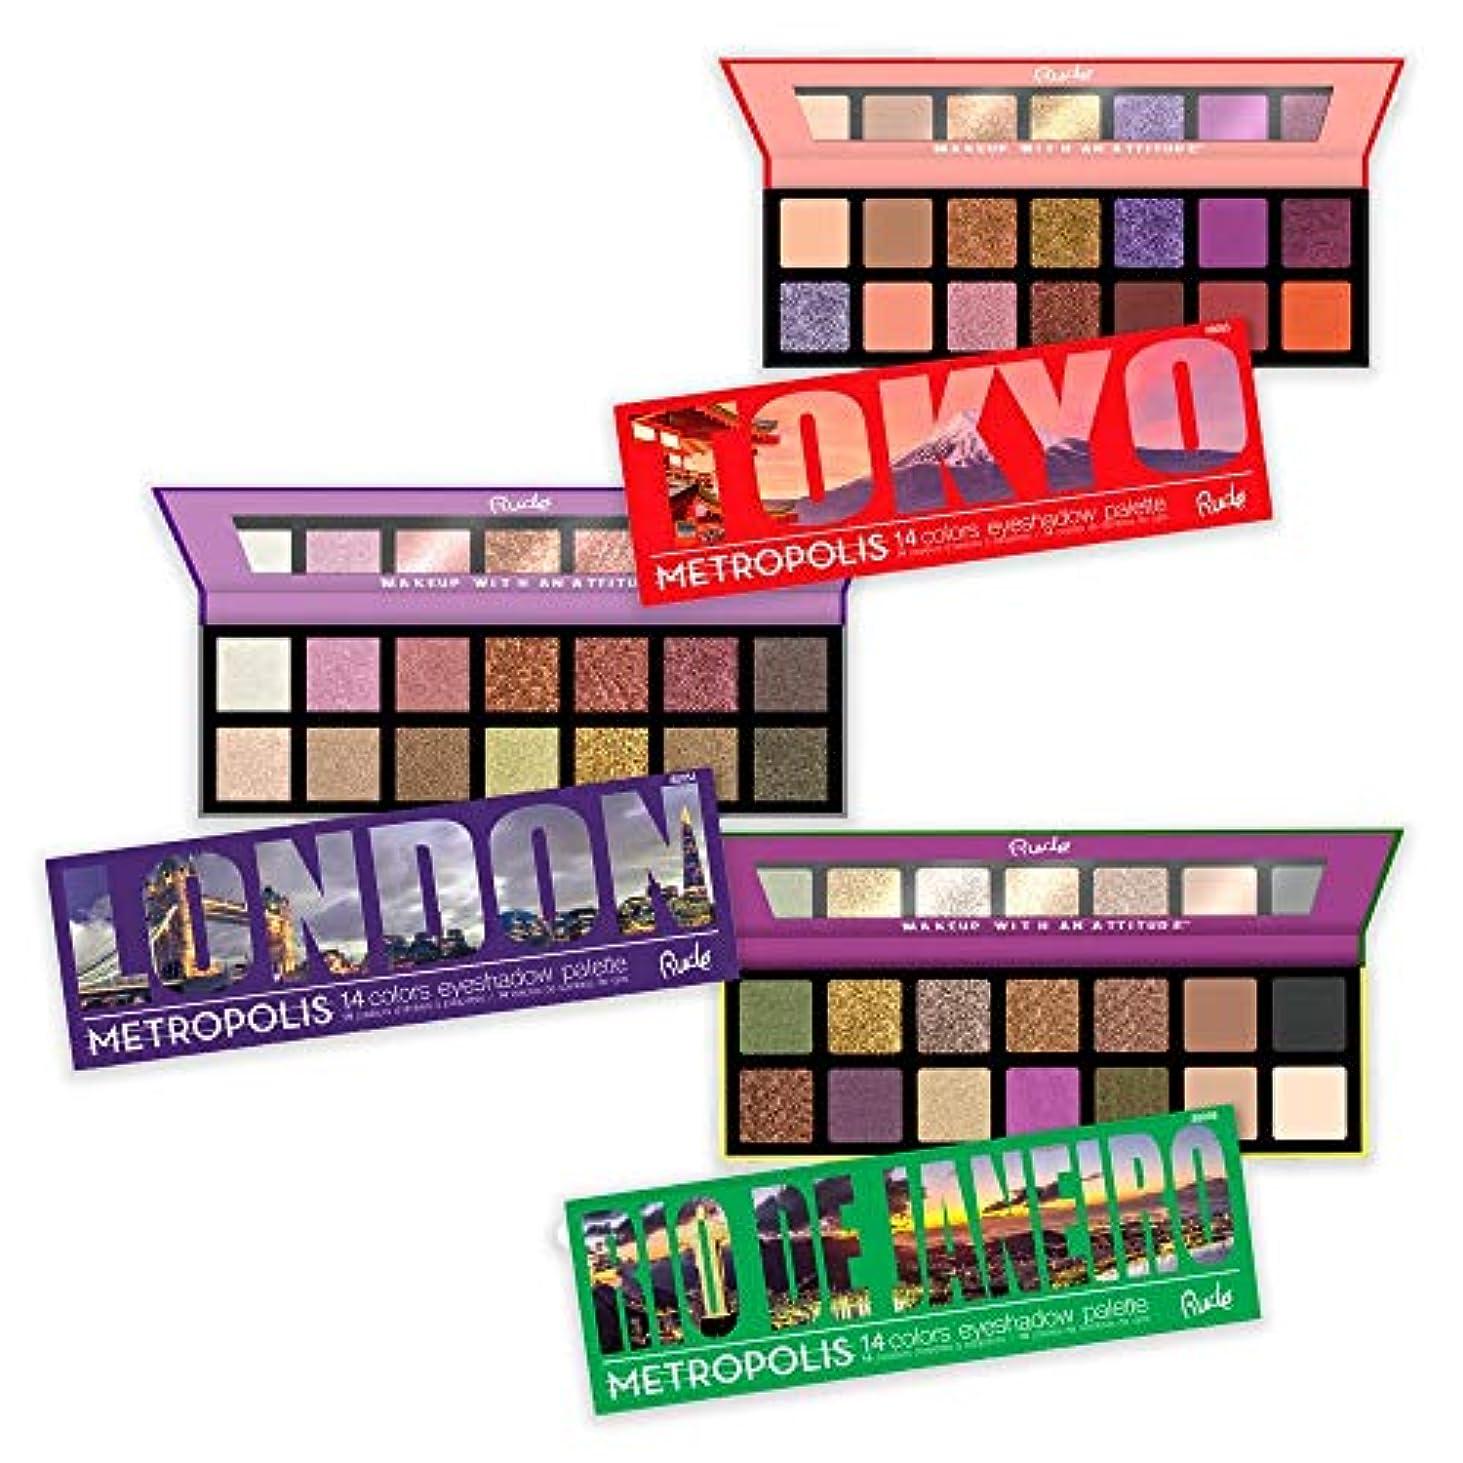 グラフシャベル消化RUDE Metropolis 14 Color Eyeshadow Palette (BUNDLE) (並行輸入品)